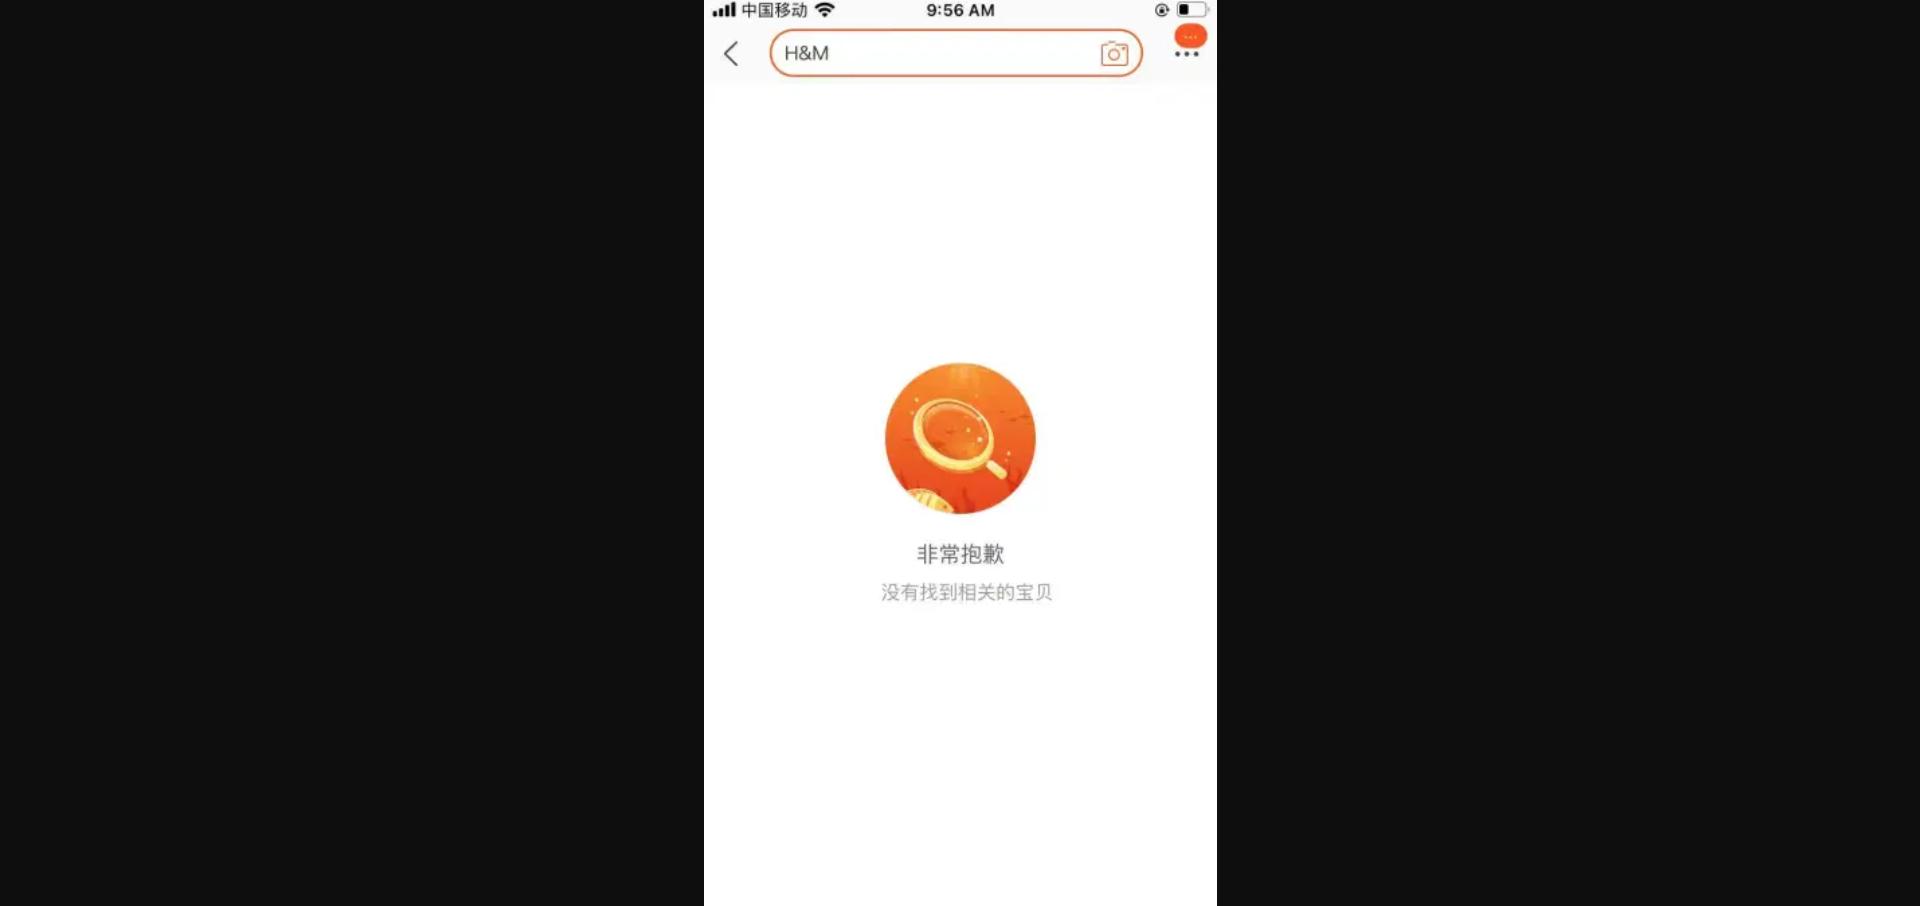 H&M Hilang Dari Internet China, Apa Alasannya?